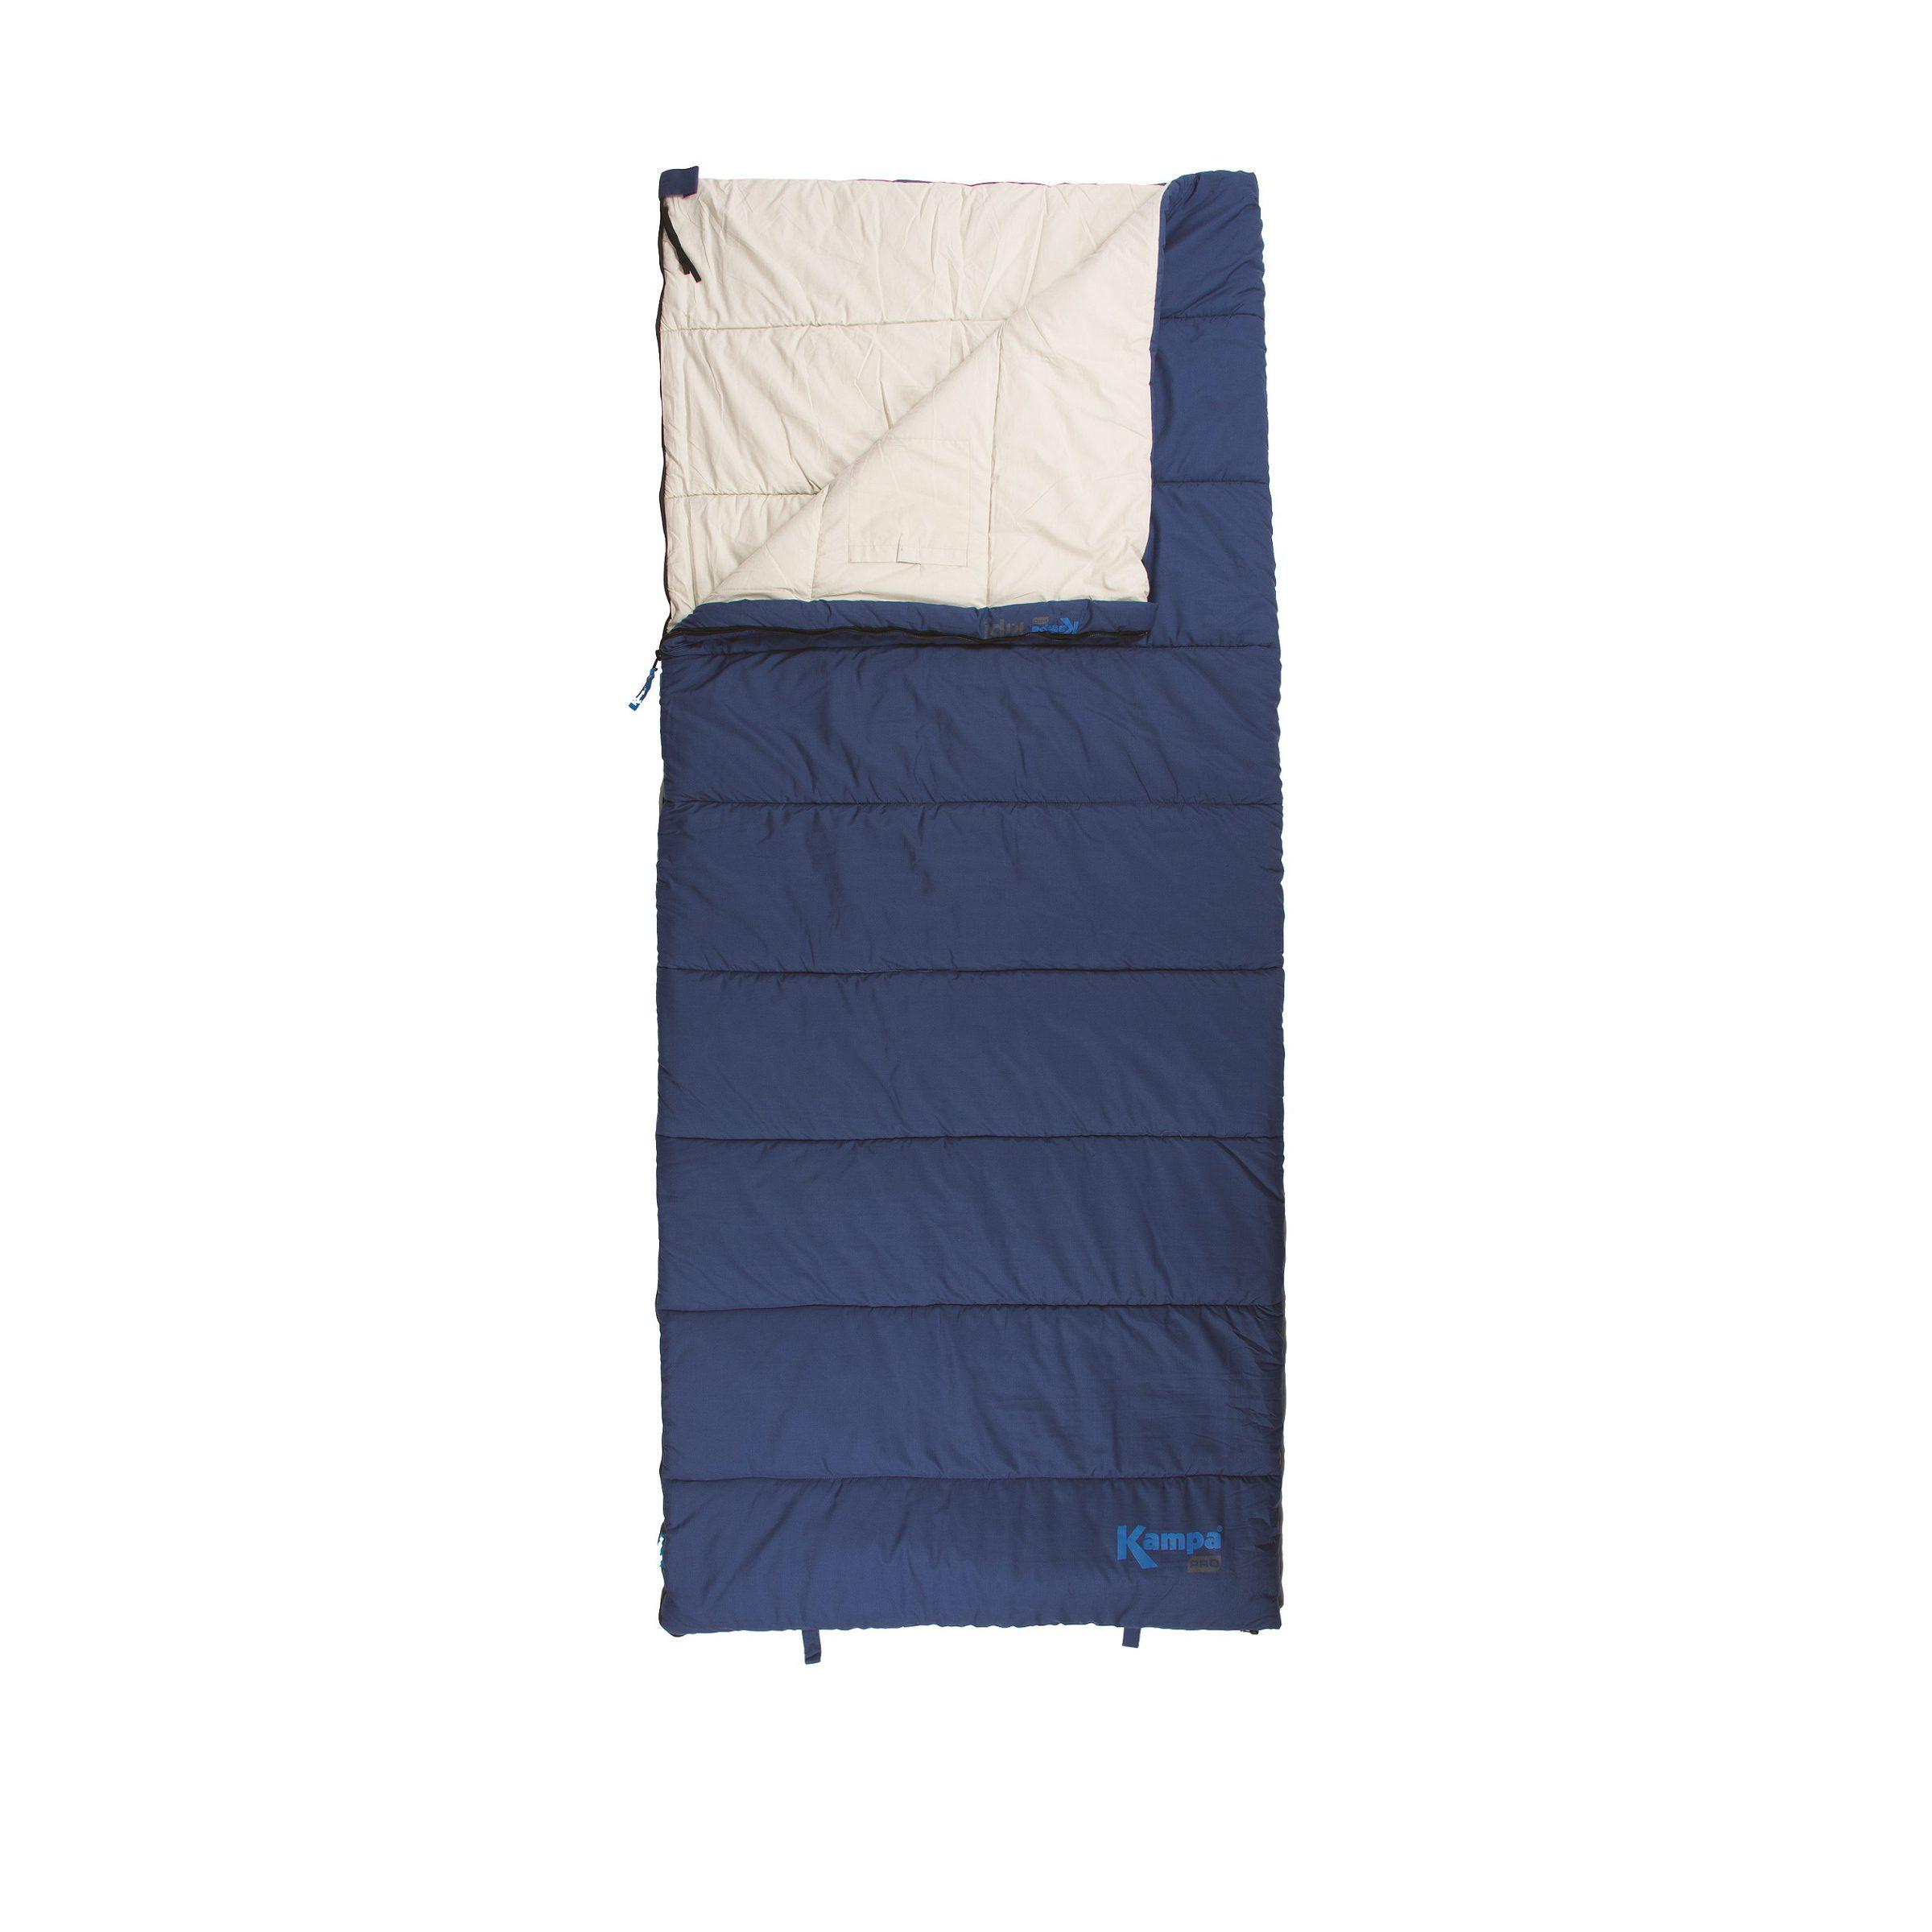 Kampa Kip Equinox XL Sleeping Bag 2016 - SB0017